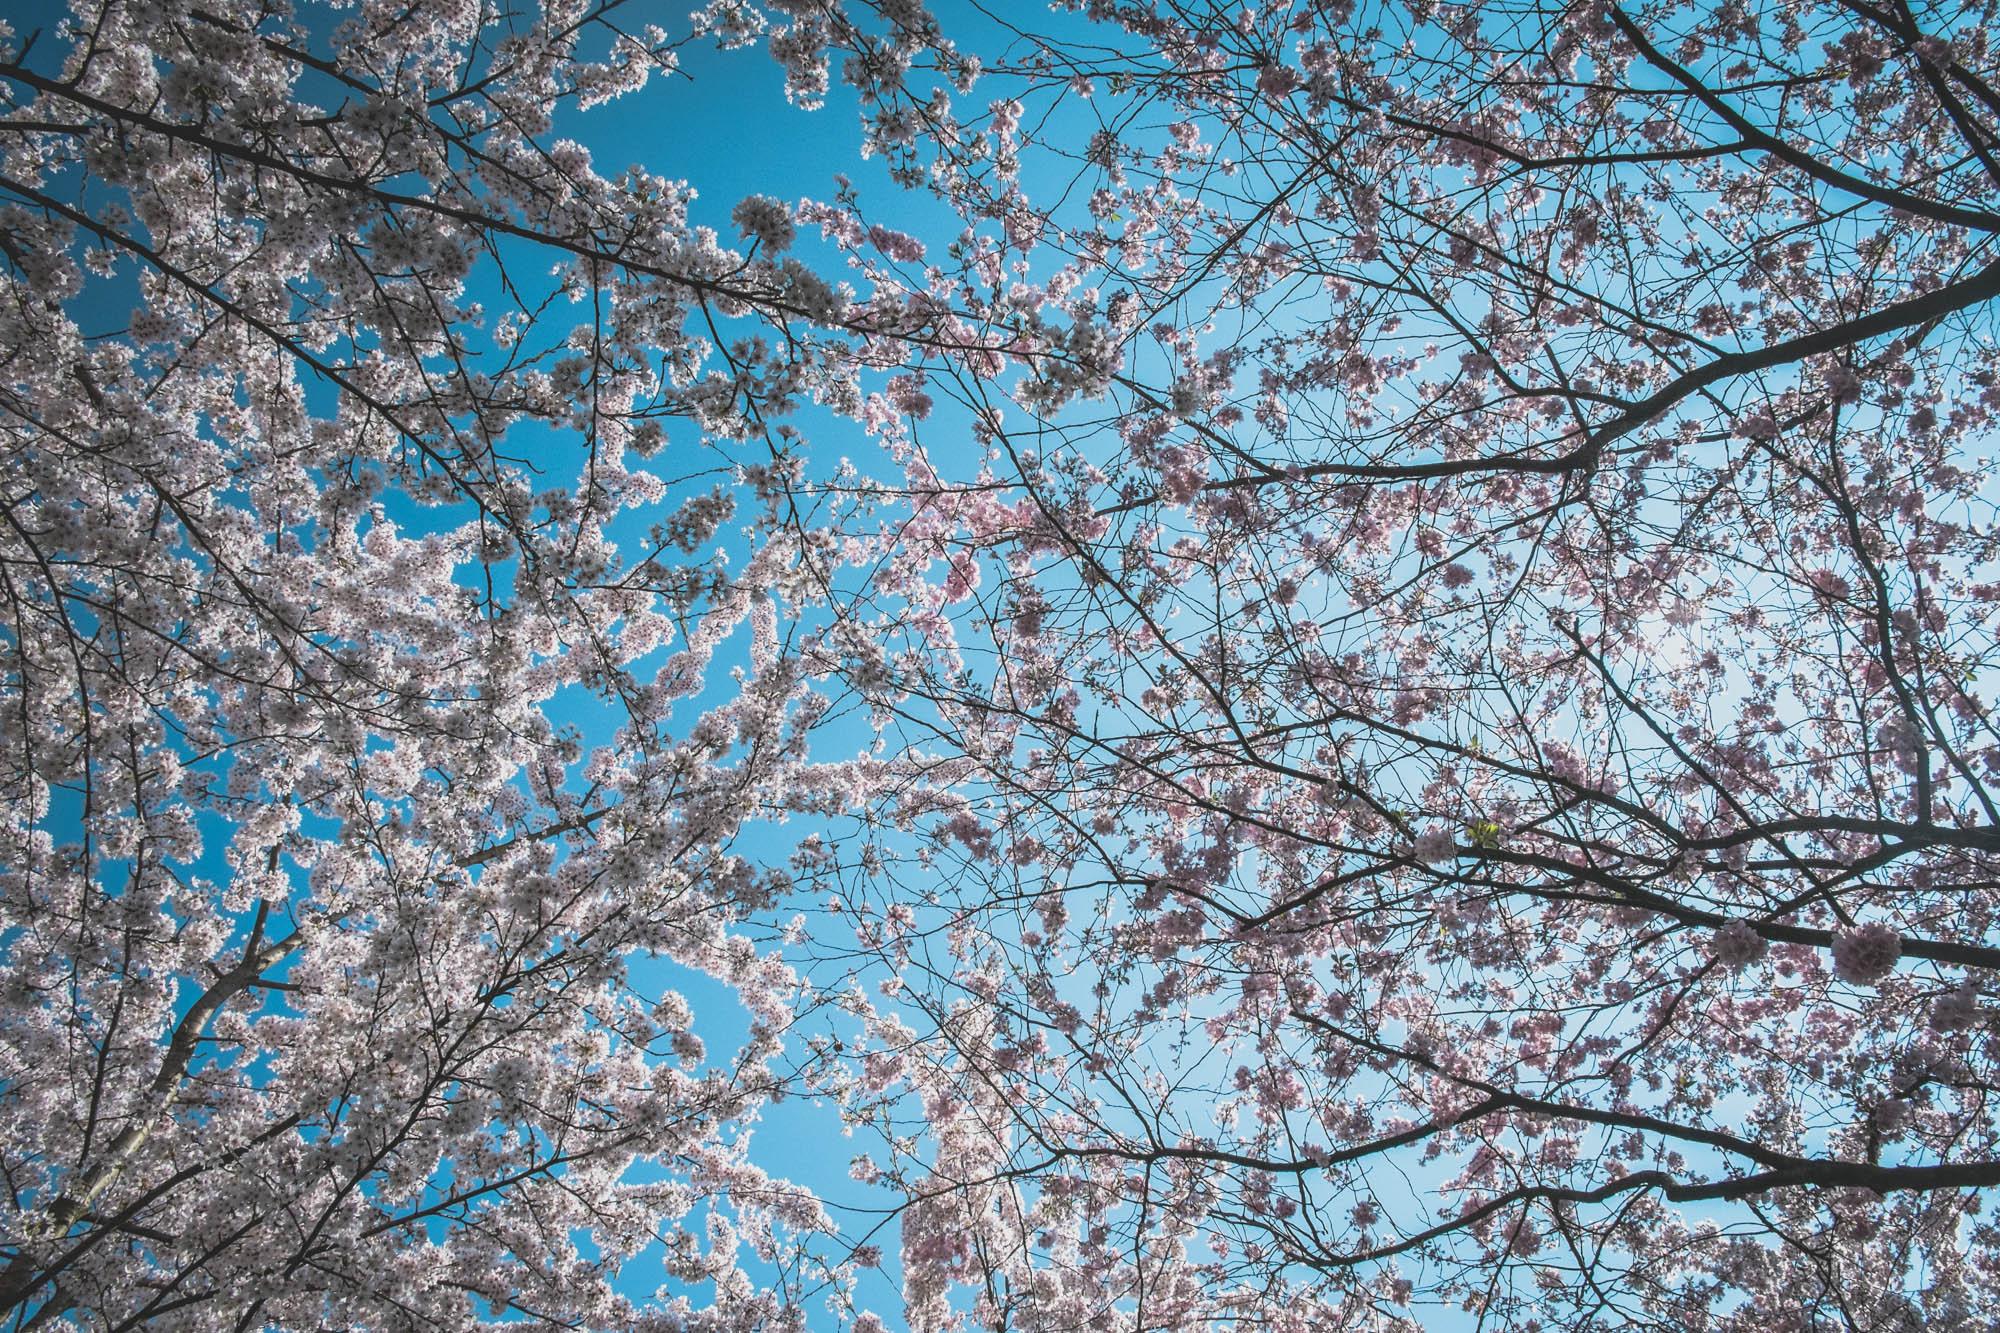 Free desktop wallpaper to celebrate spring.